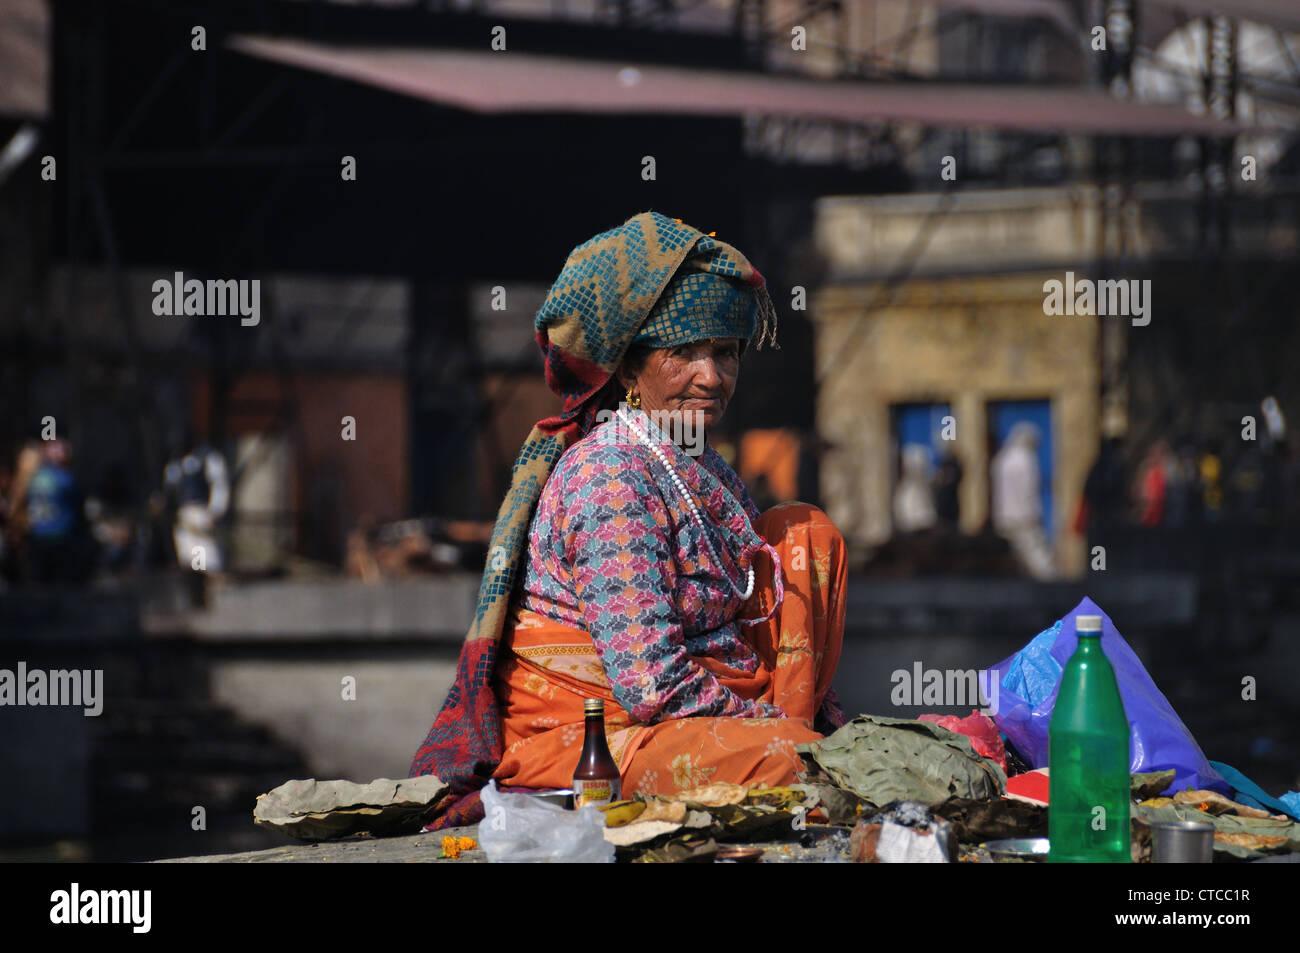 Nepali Woman Photographed At Pashupatinath Kathmandu - Stock Image